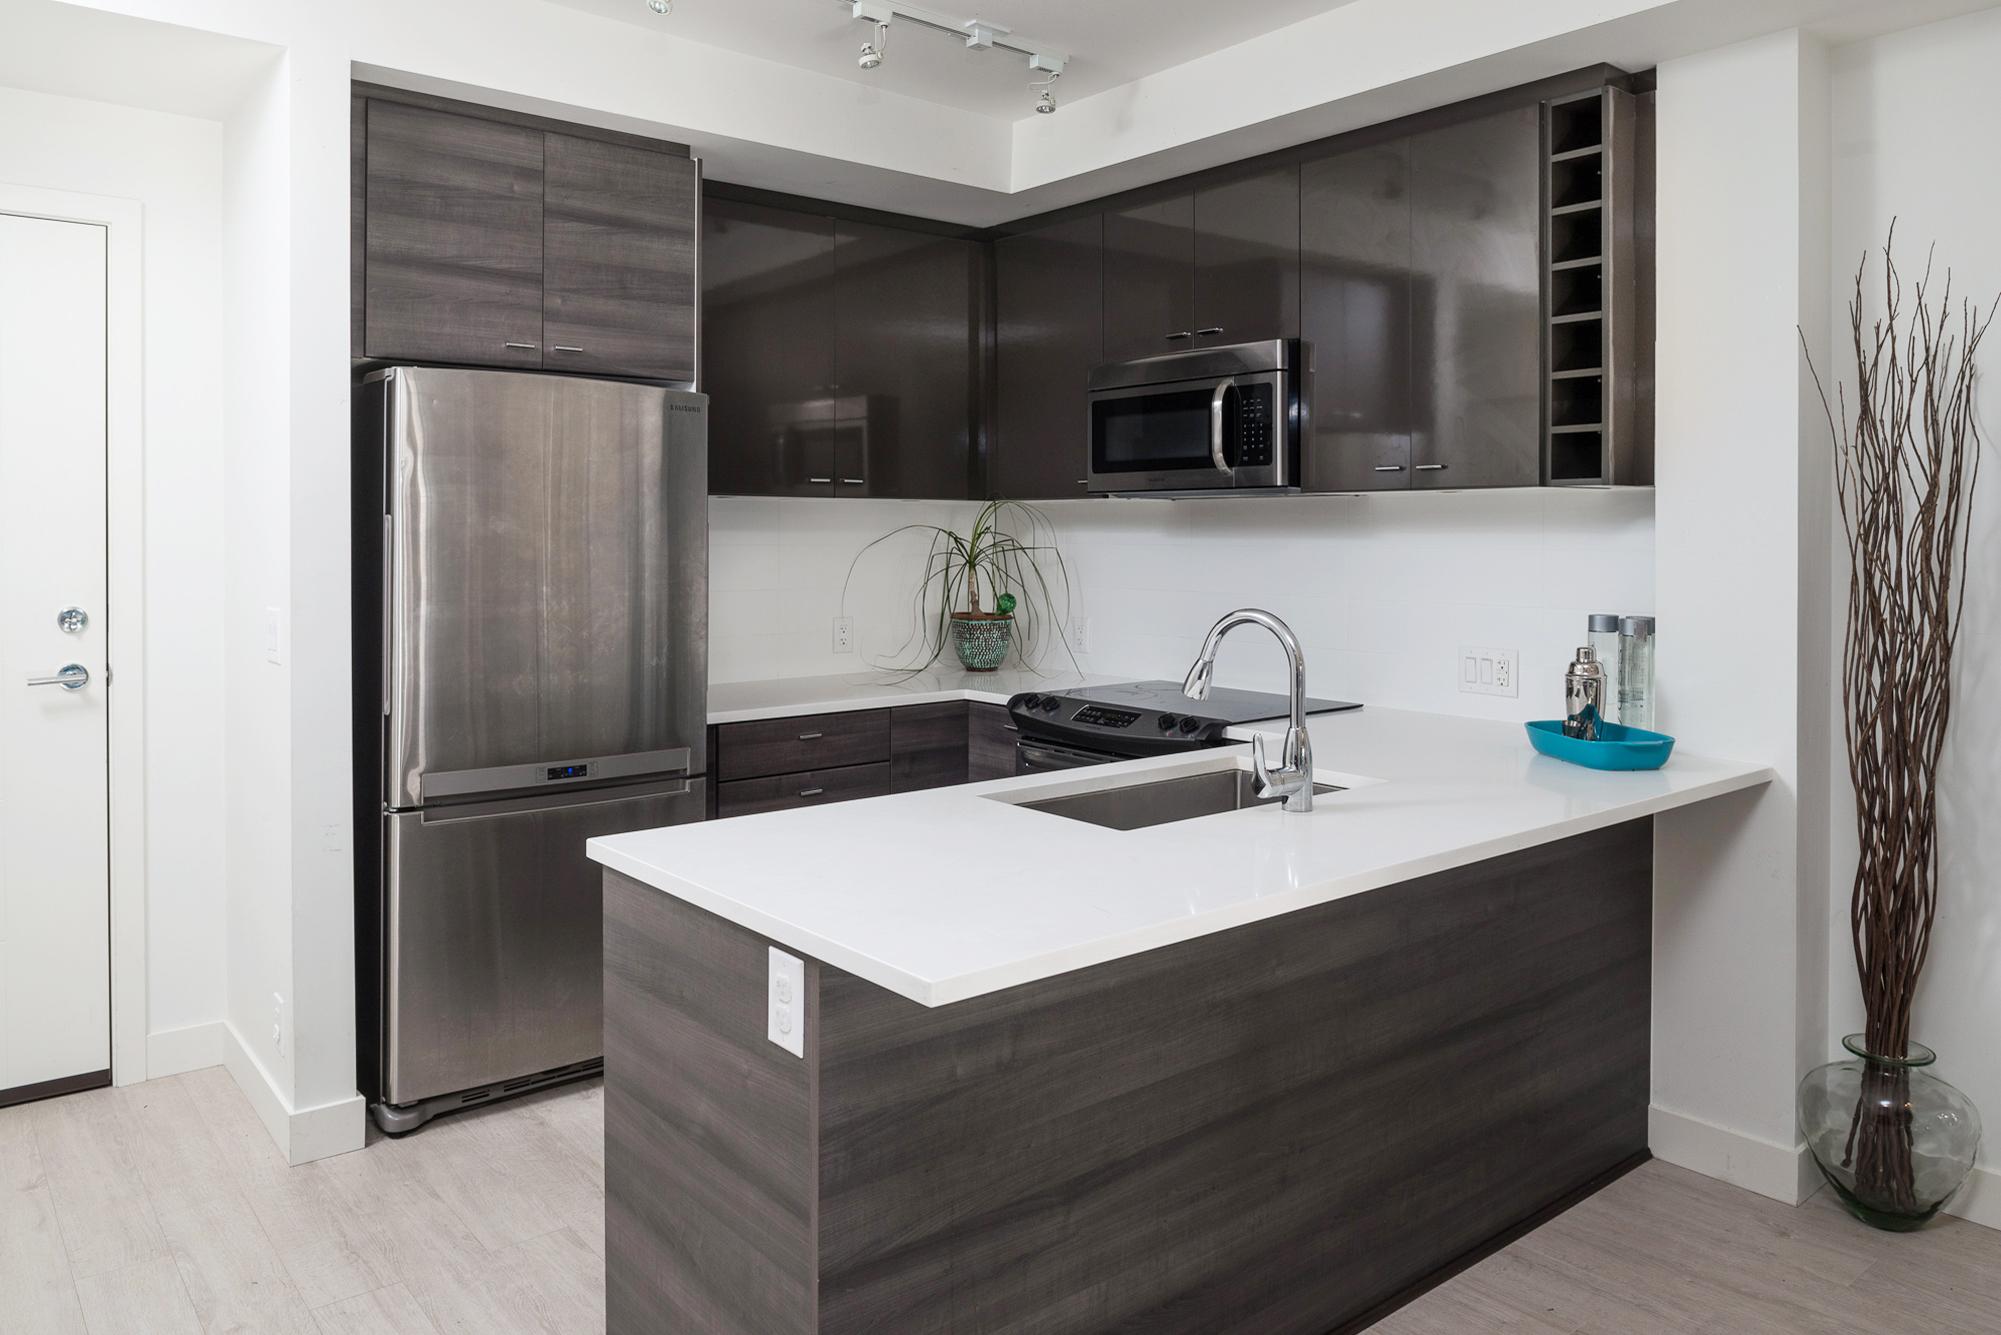 Open Kitchen 13931 Fraser Hwy, Surrey